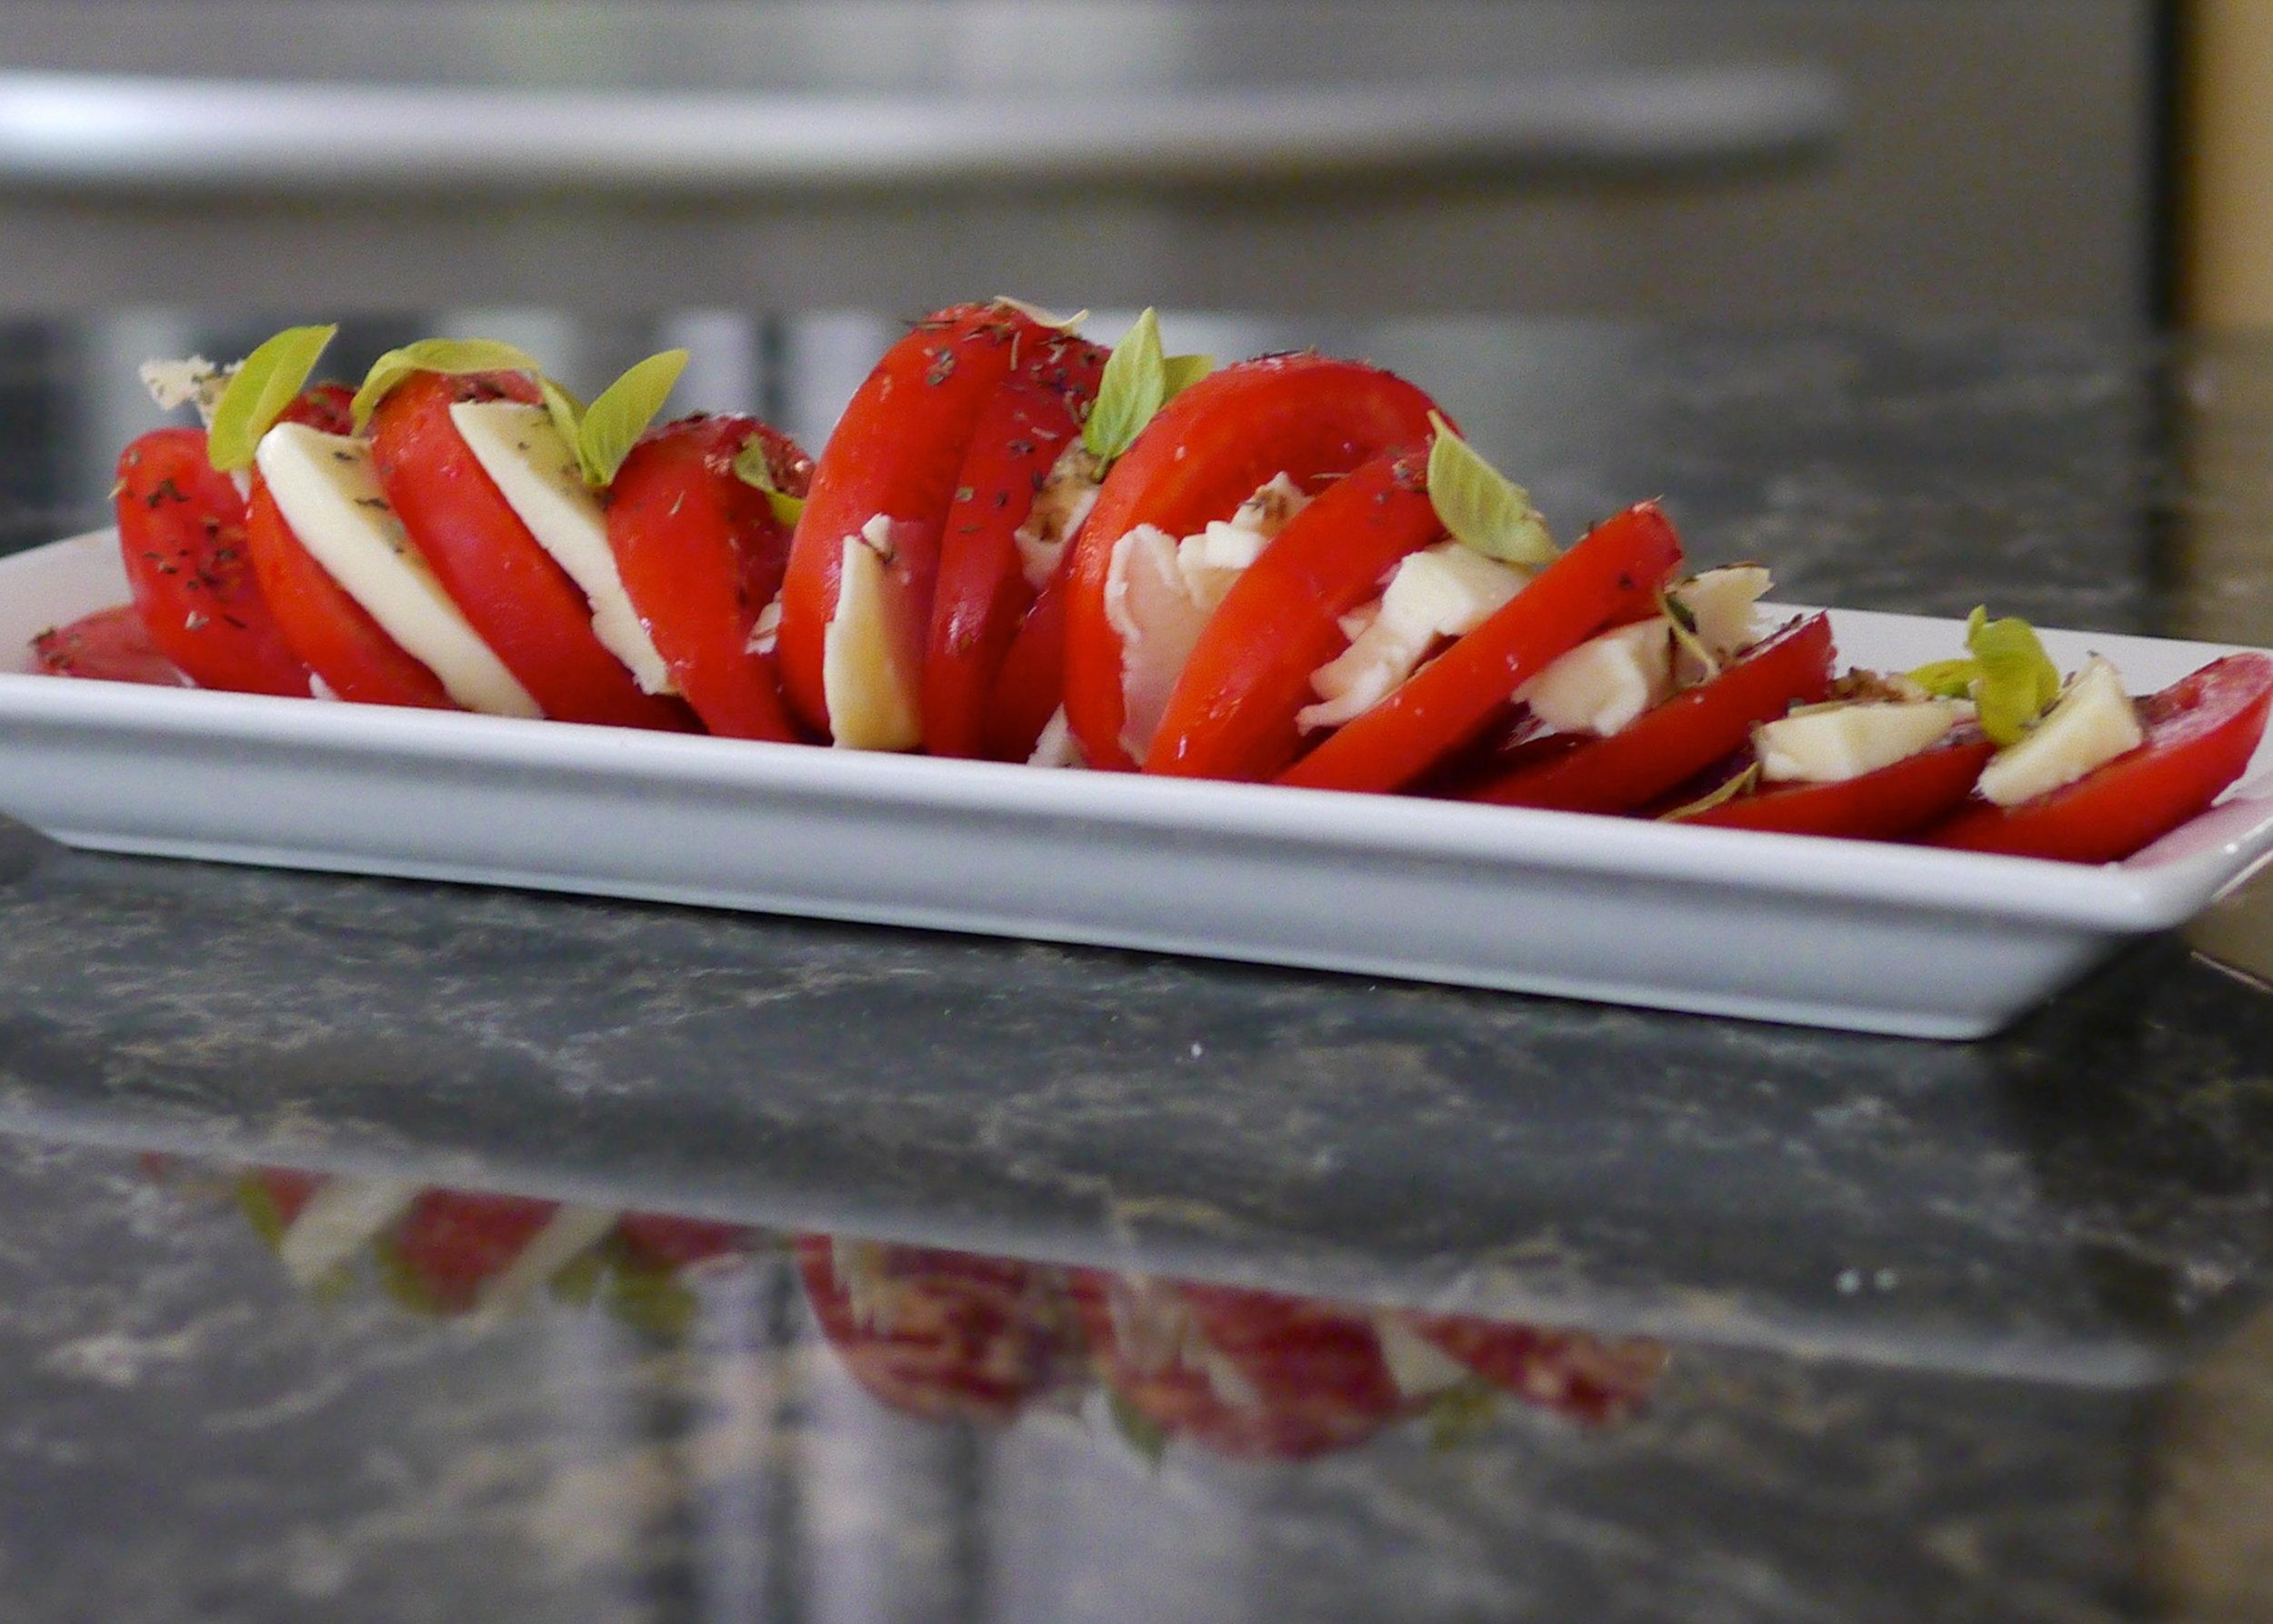 tomato_season_1_566451.jpg